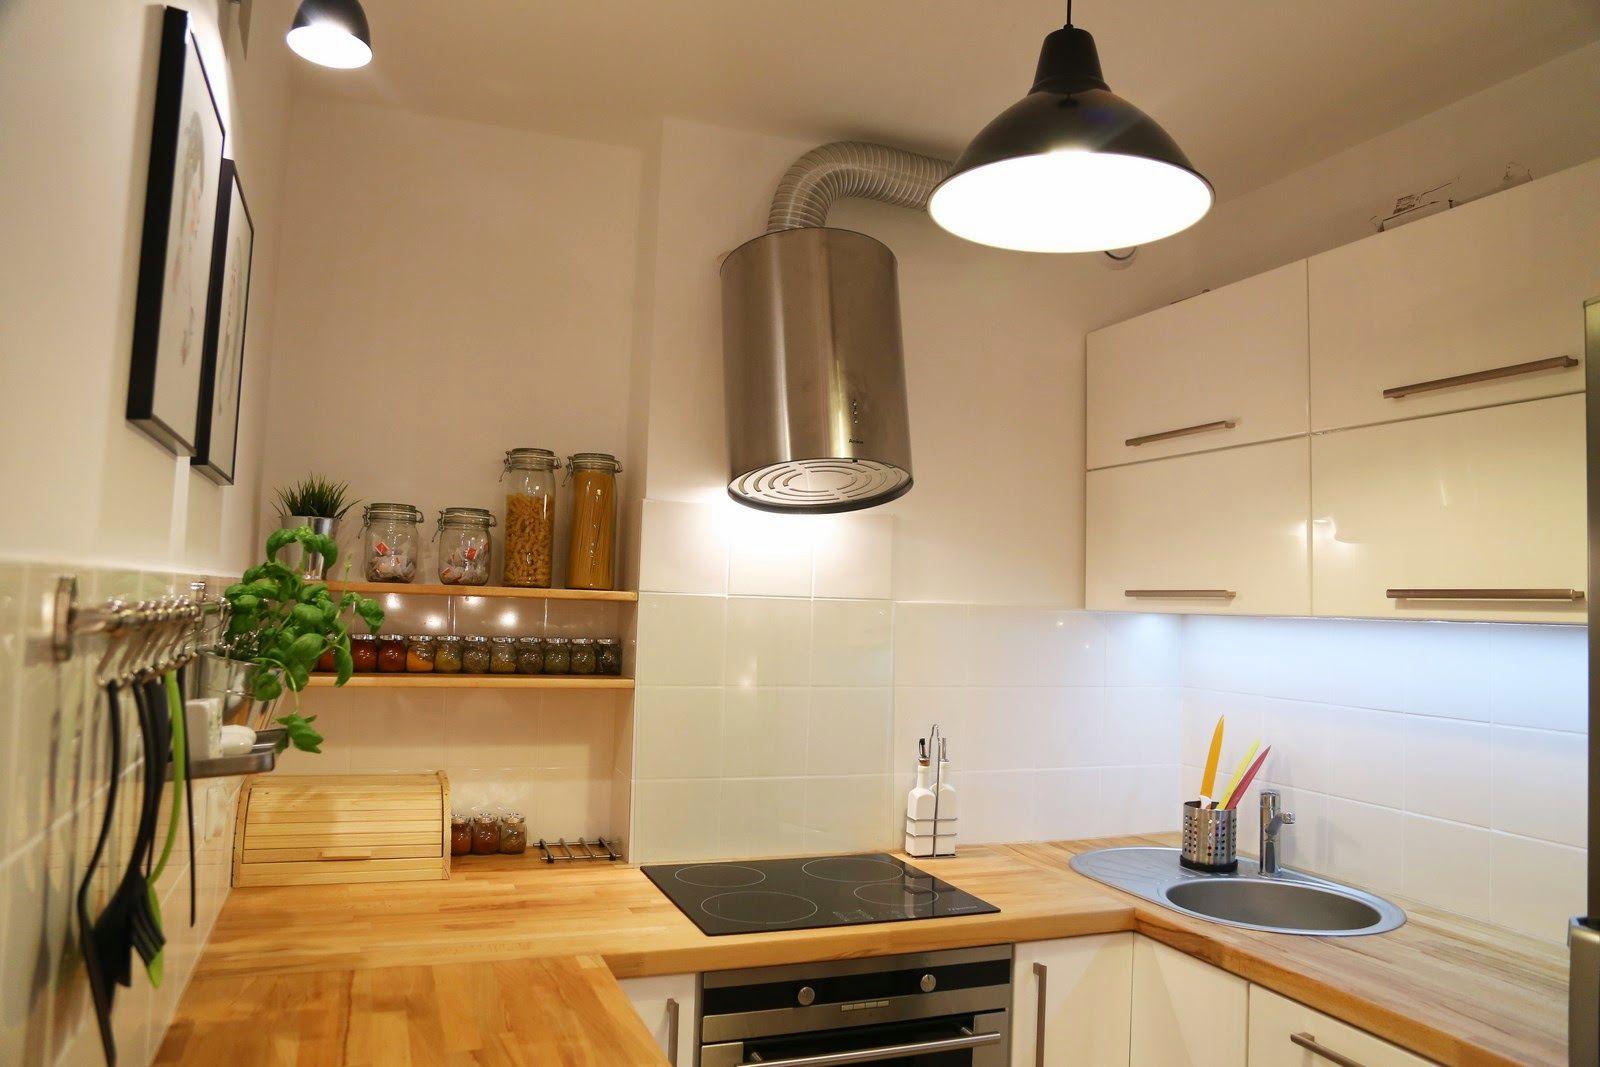 biała kuchnia mdf drewniane blaty  Aranżacja kuchni   -> Dluga Wąska Kuchnia W Bloku